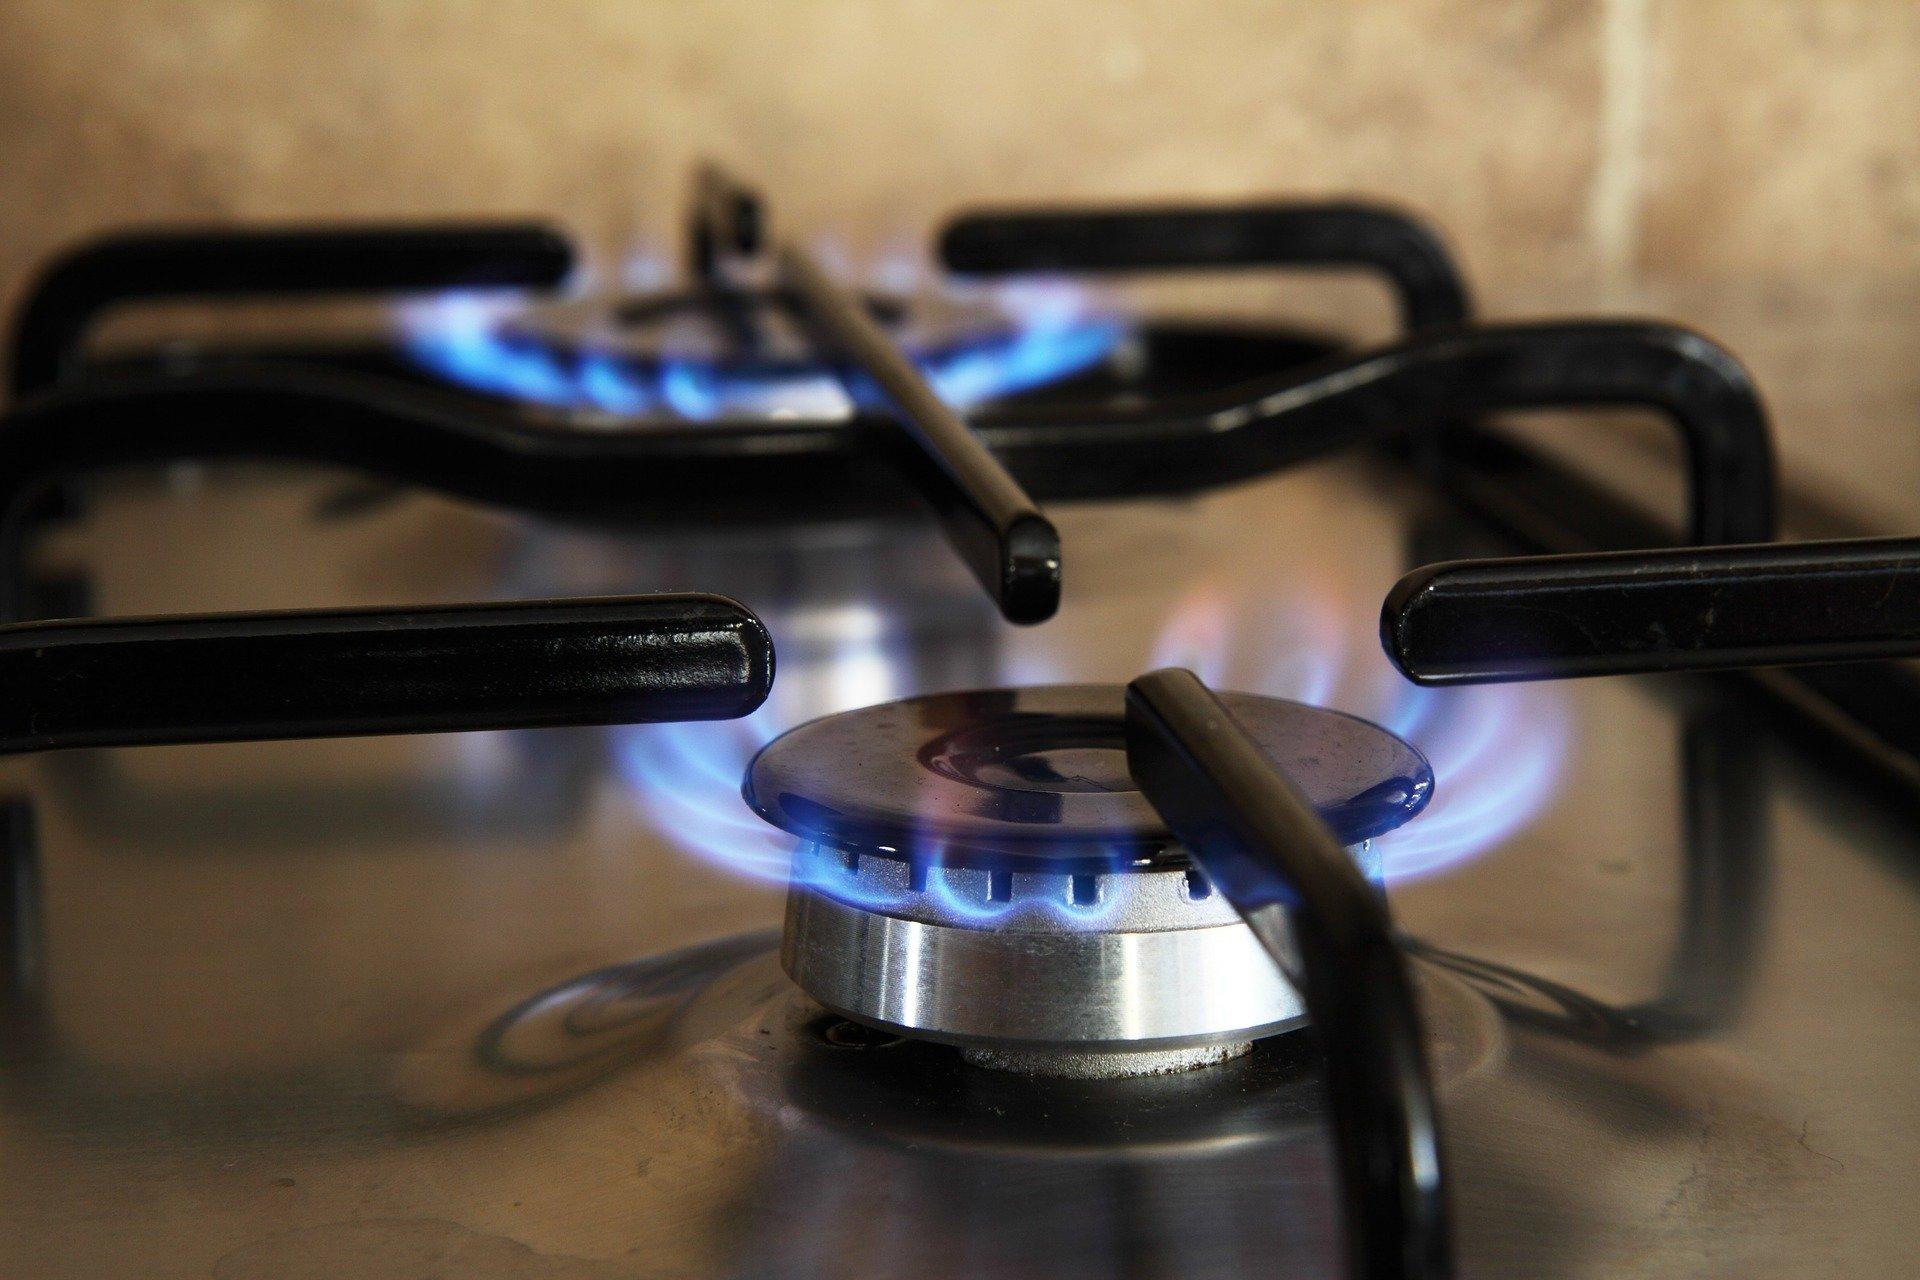 This image displays a stovetop burner.